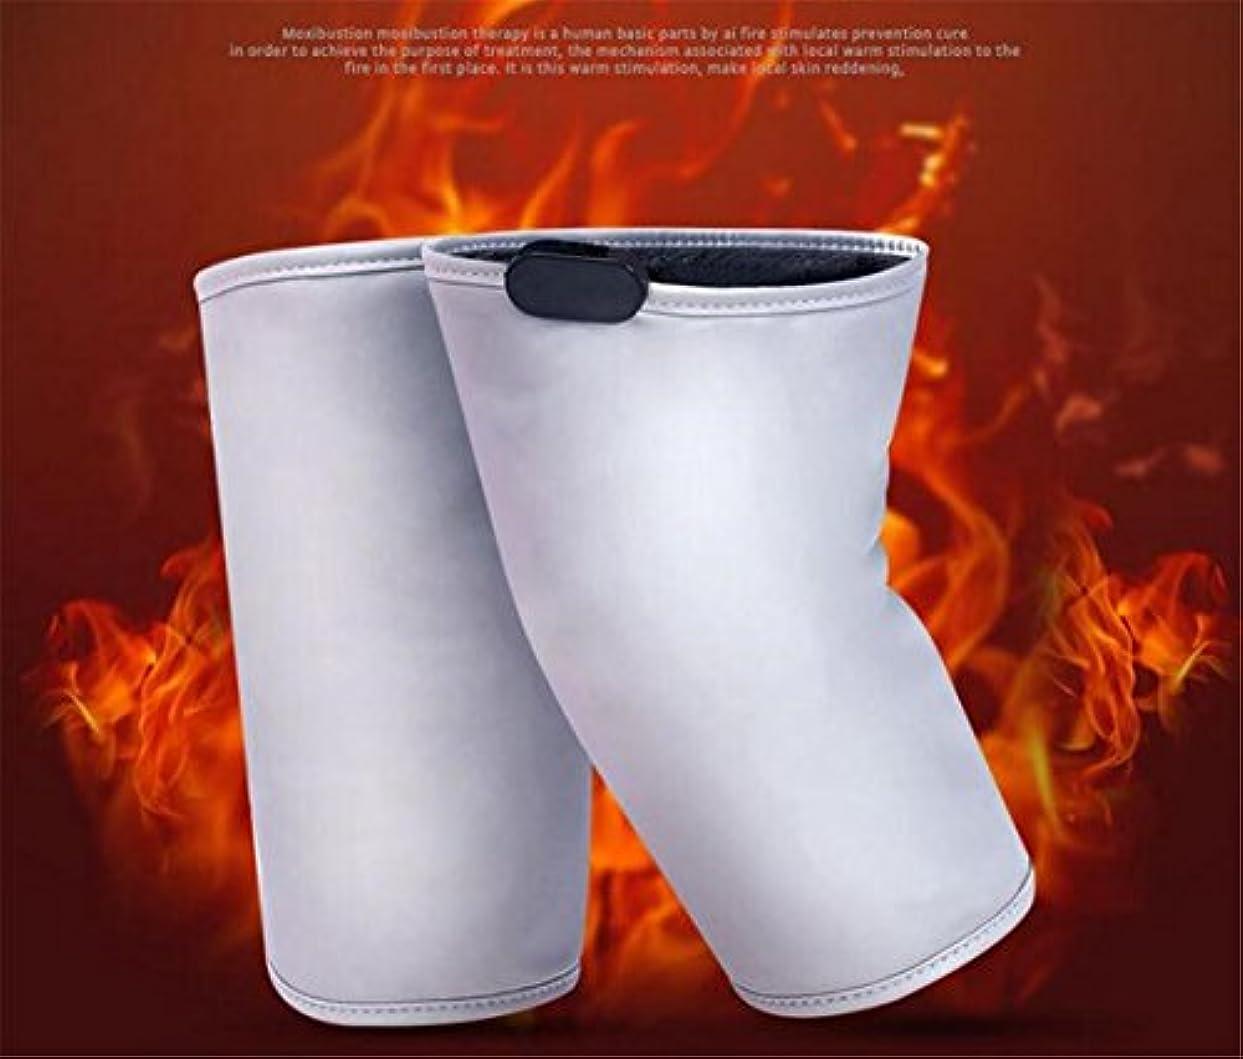 製作柔らかい足チャーミングELEGENCE-Z電気加熱膝パッド中高年マッサージ熱い圧縮灸暖かい電荷共同理学療法器